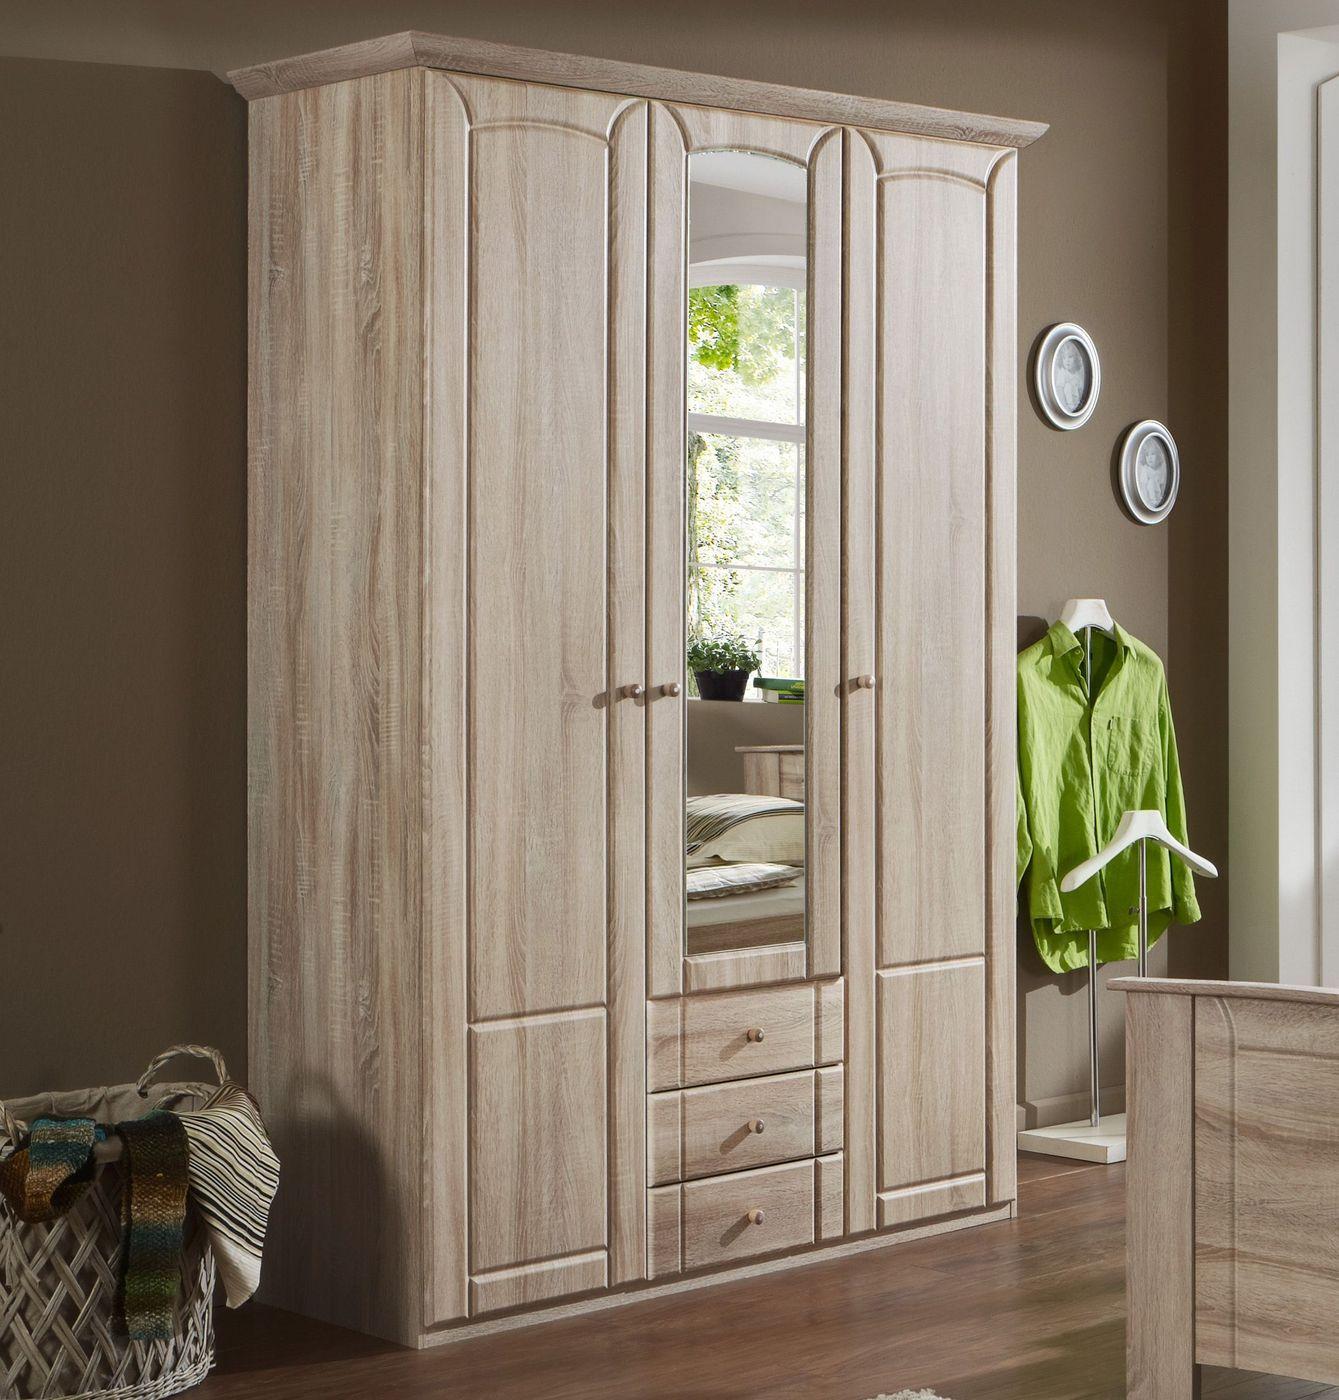 Funktions kleiderschrank mit spiegel und schubladen carpina for Spiegel preiswert